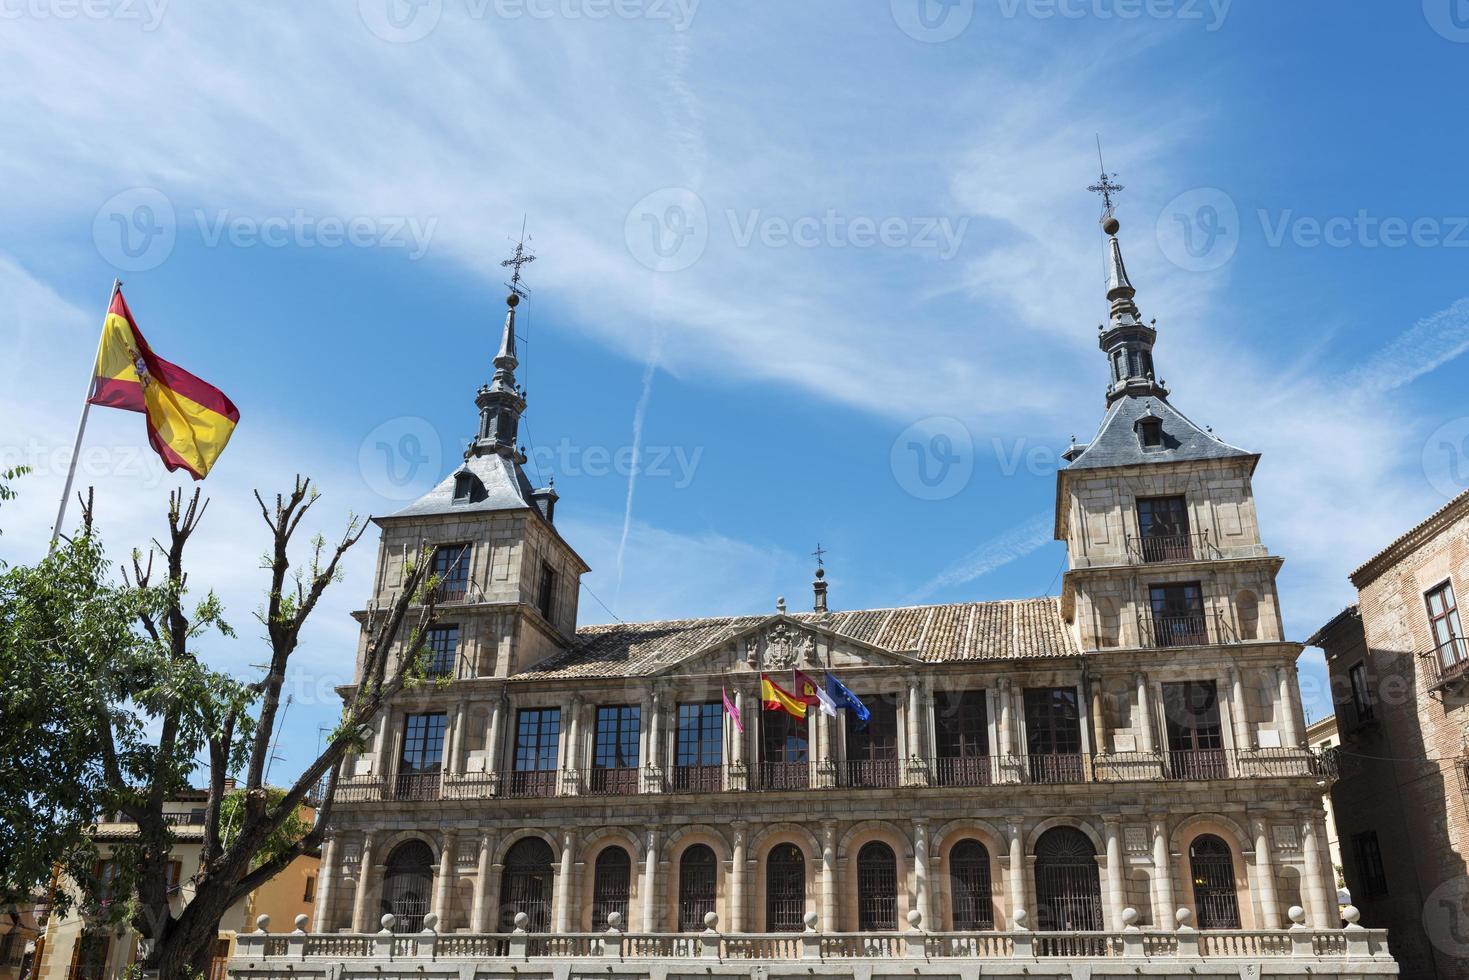 facciata del municipio di toledo e bandiera spagnola foto